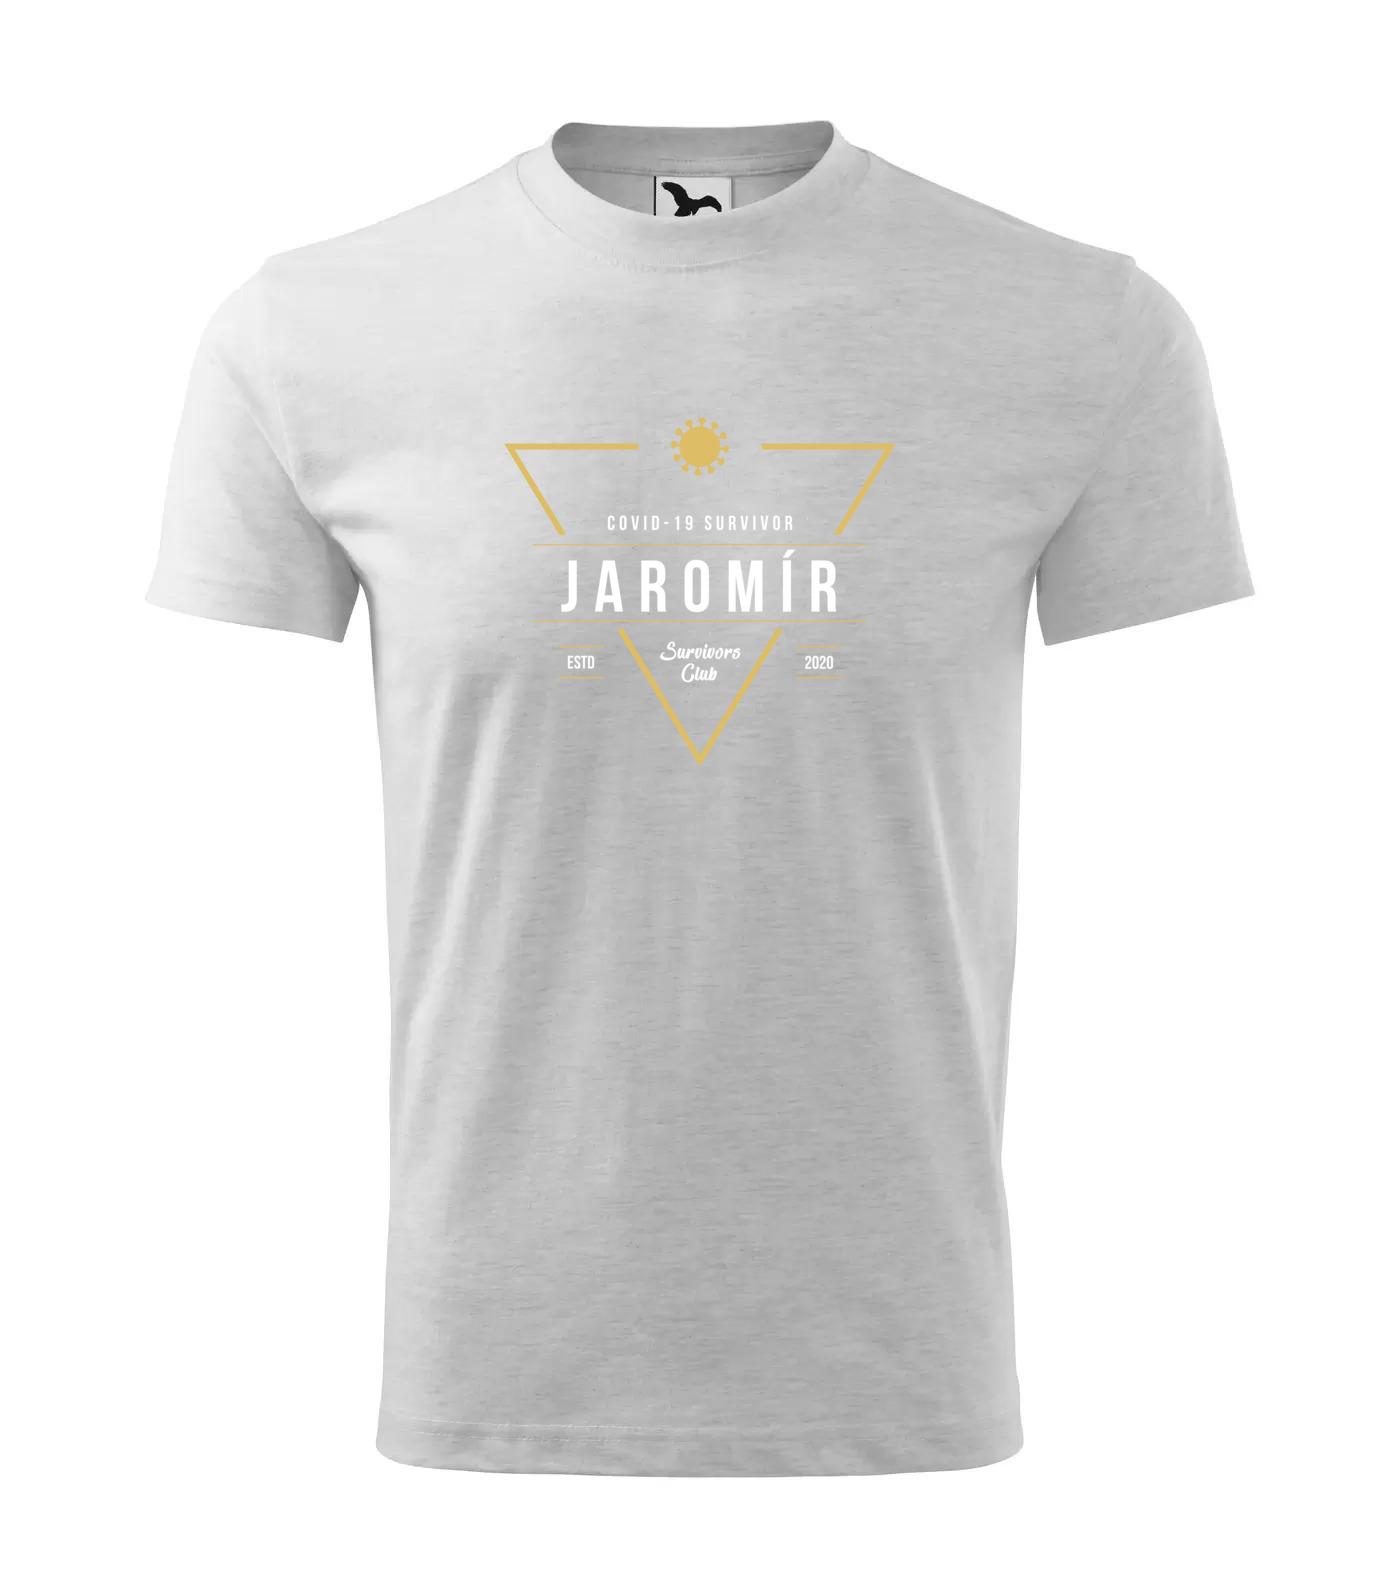 Tričko Survivor Club Jaromír